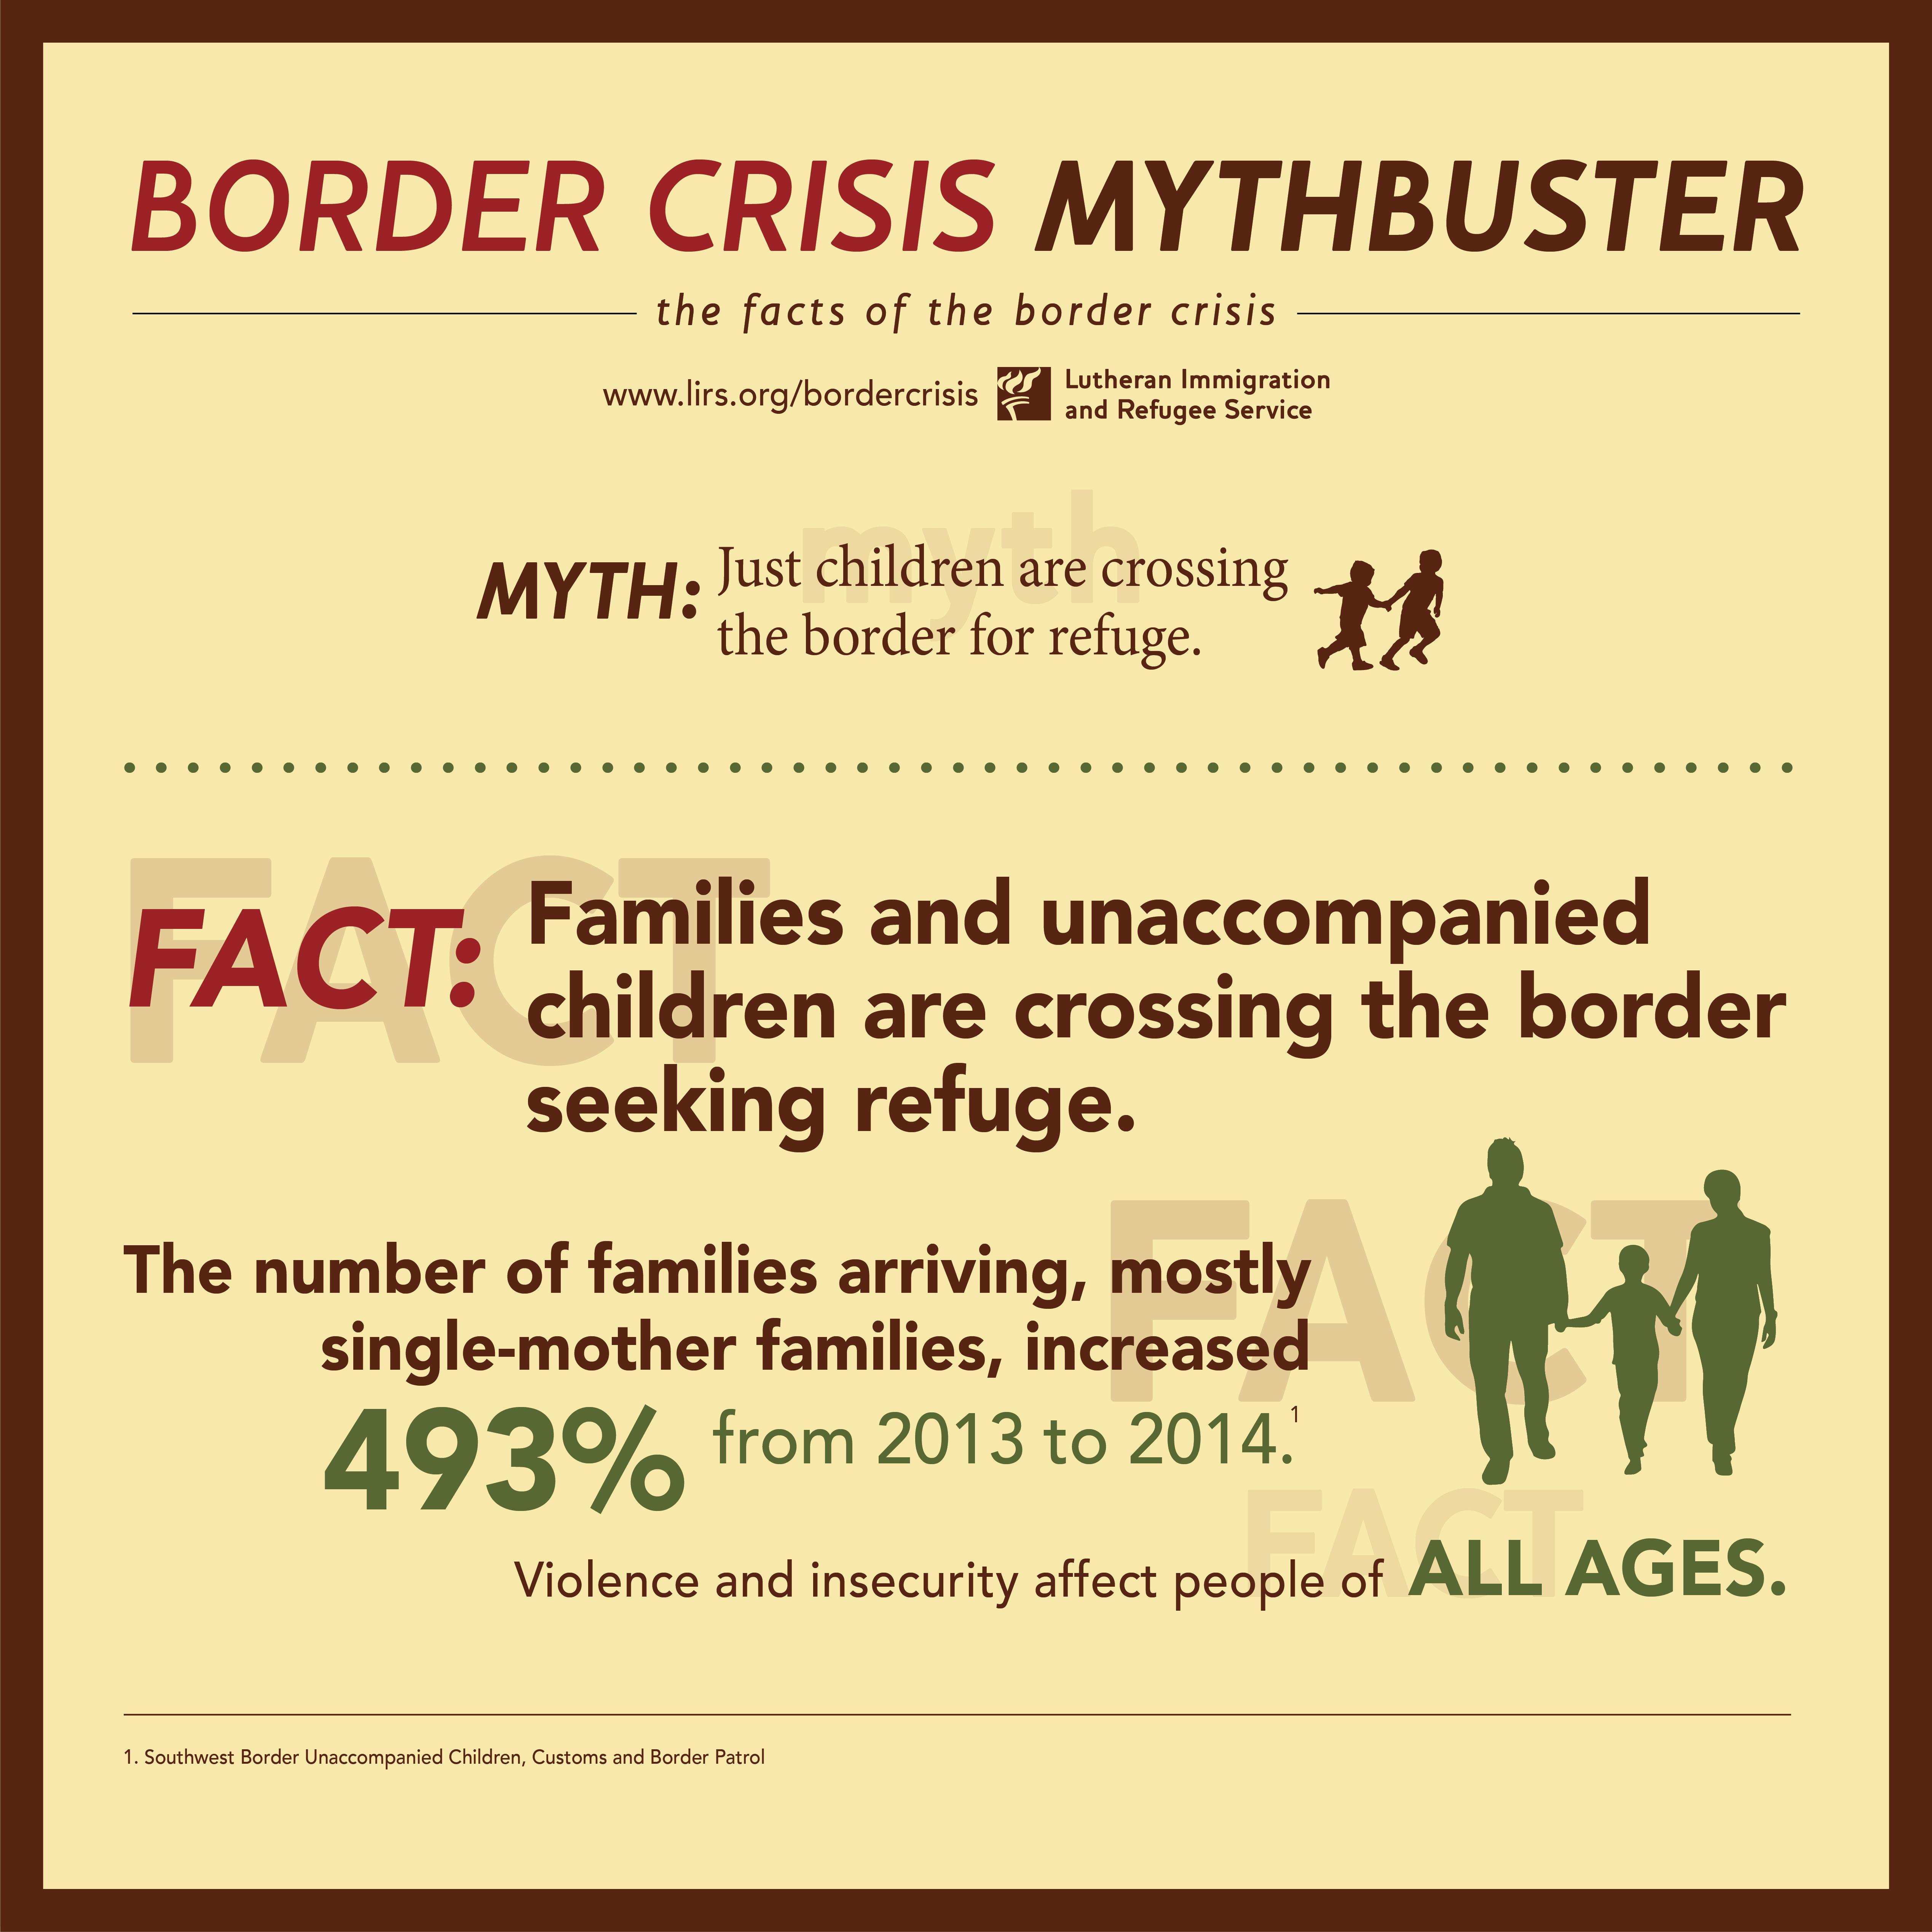 Mythbuster_border_crisis_1200x1200-01